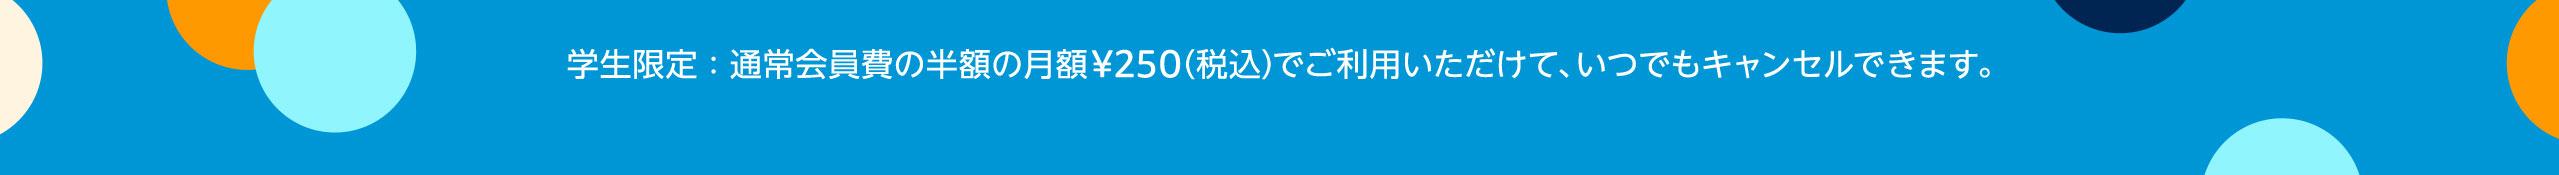 学生限定:通常会員費の半額の月額¥250(税込)でご利用いただけて、いつでもキャンセルできます。